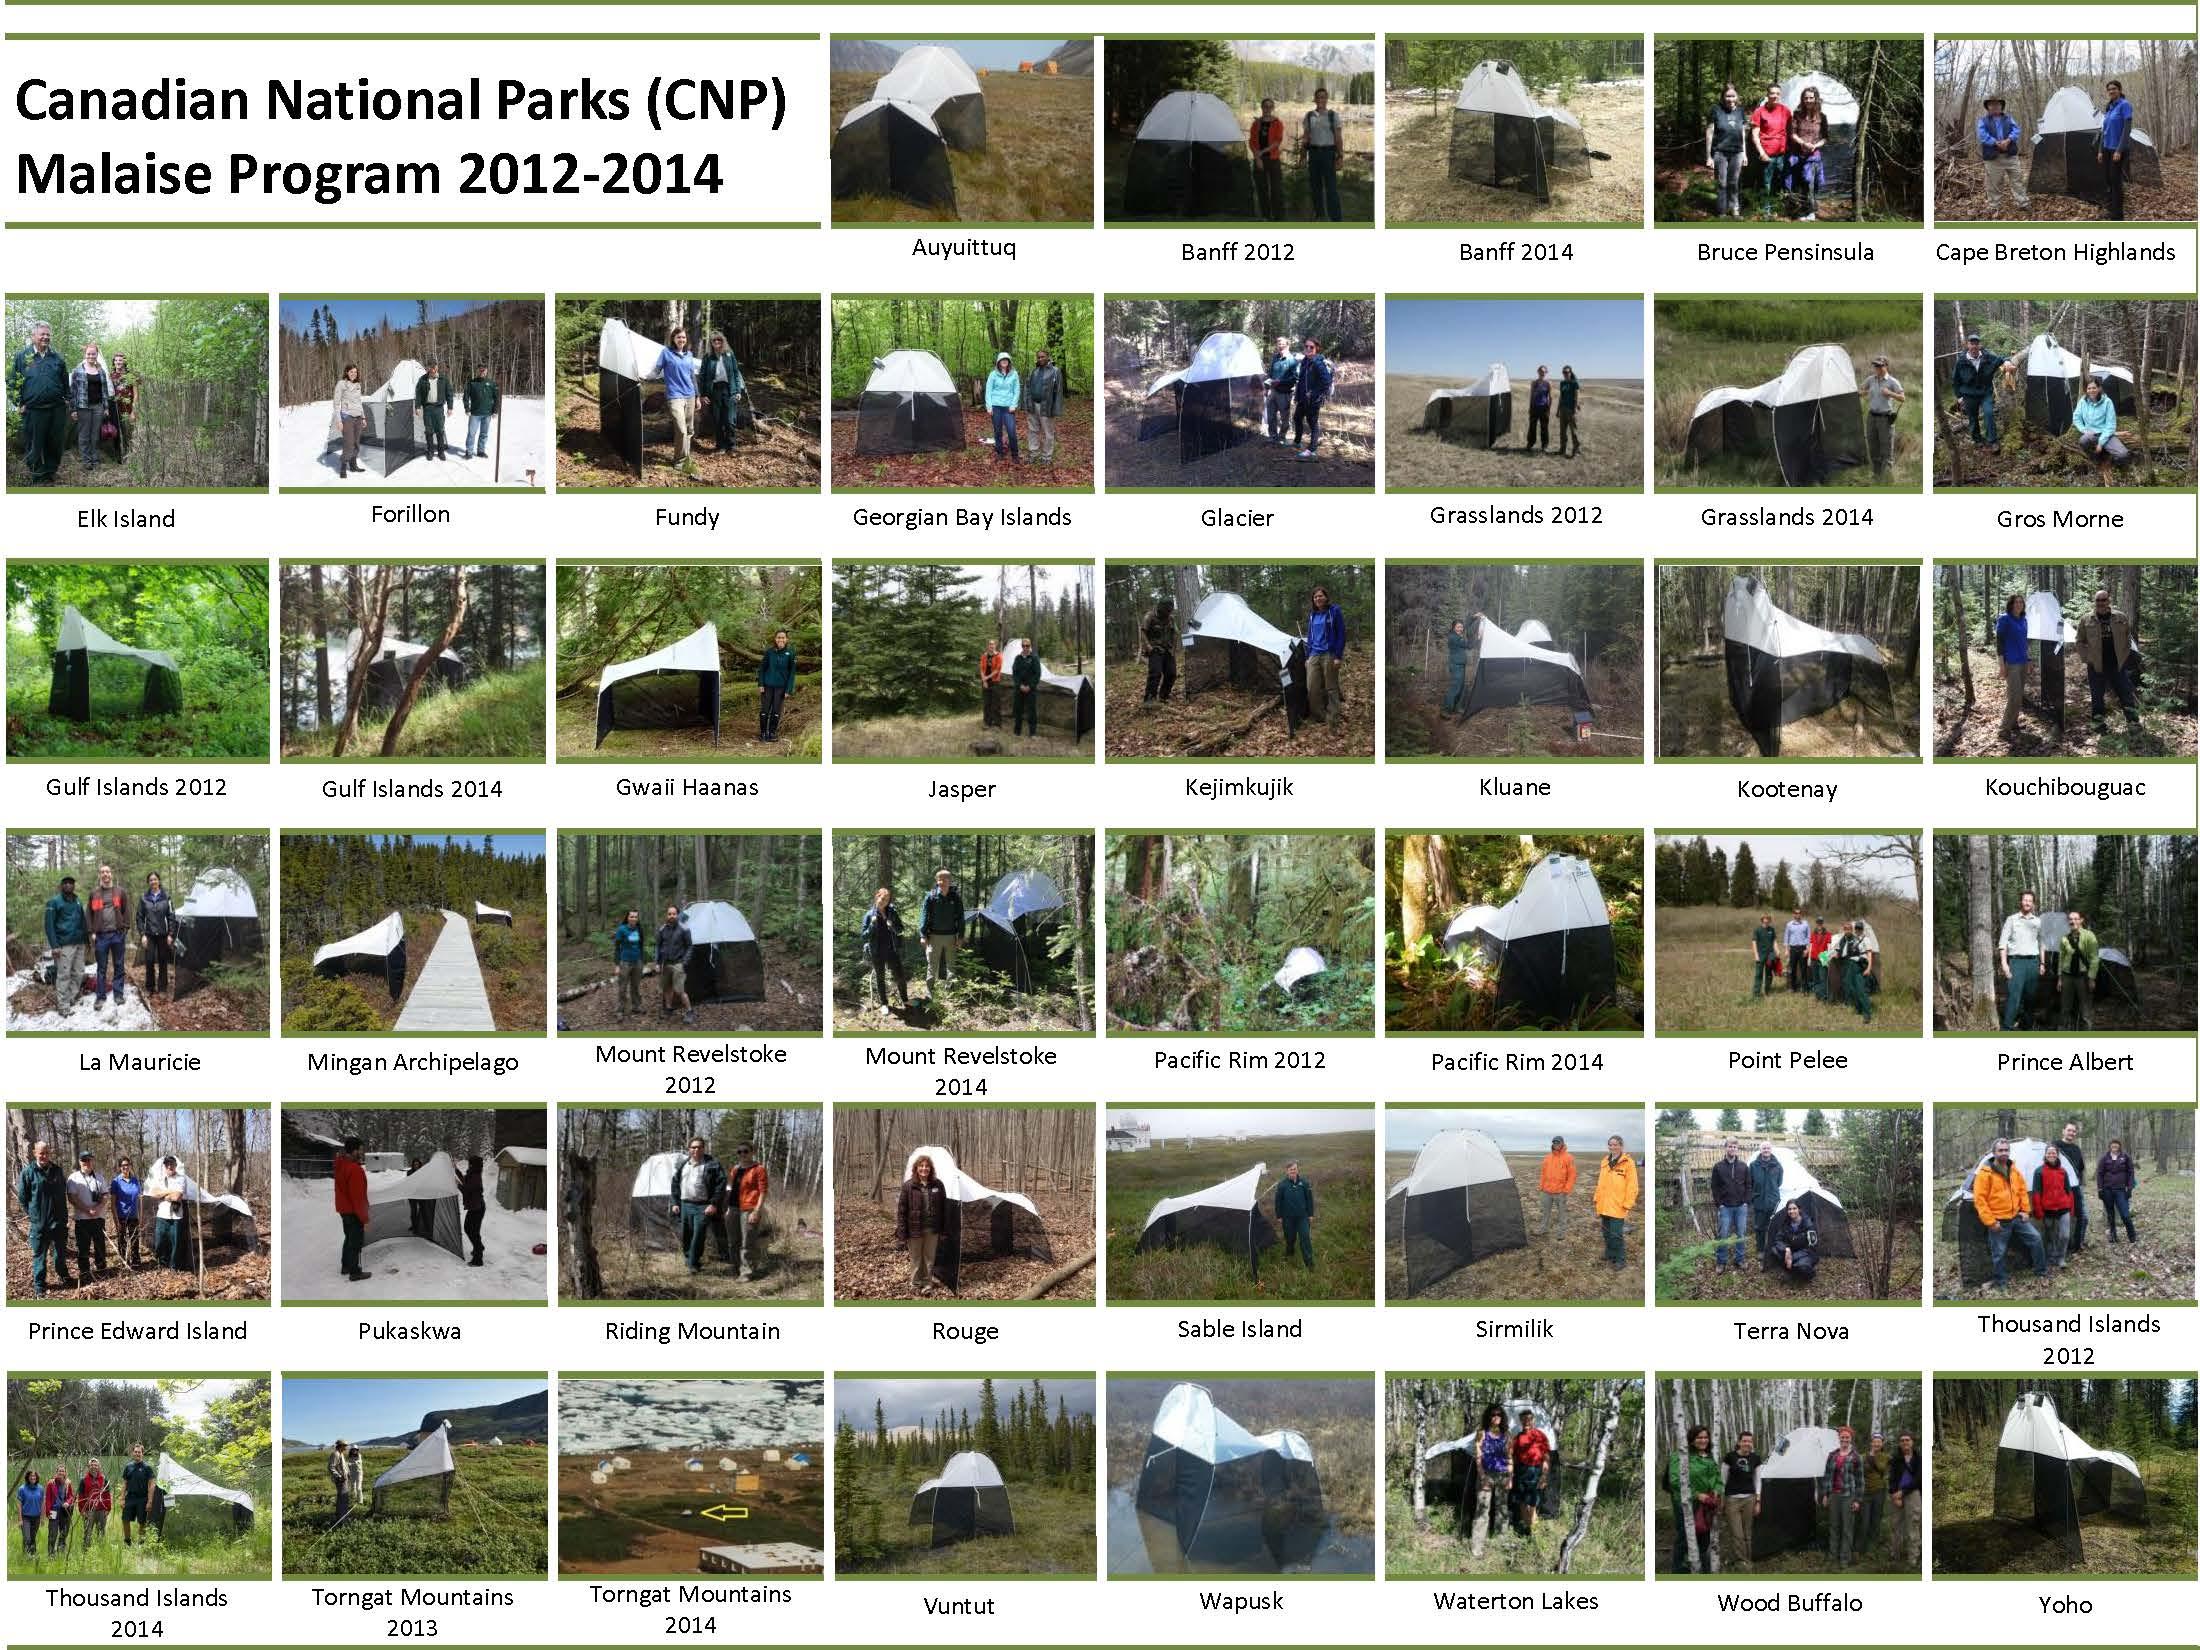 CNP 2012-2014 MT composite_Page_4